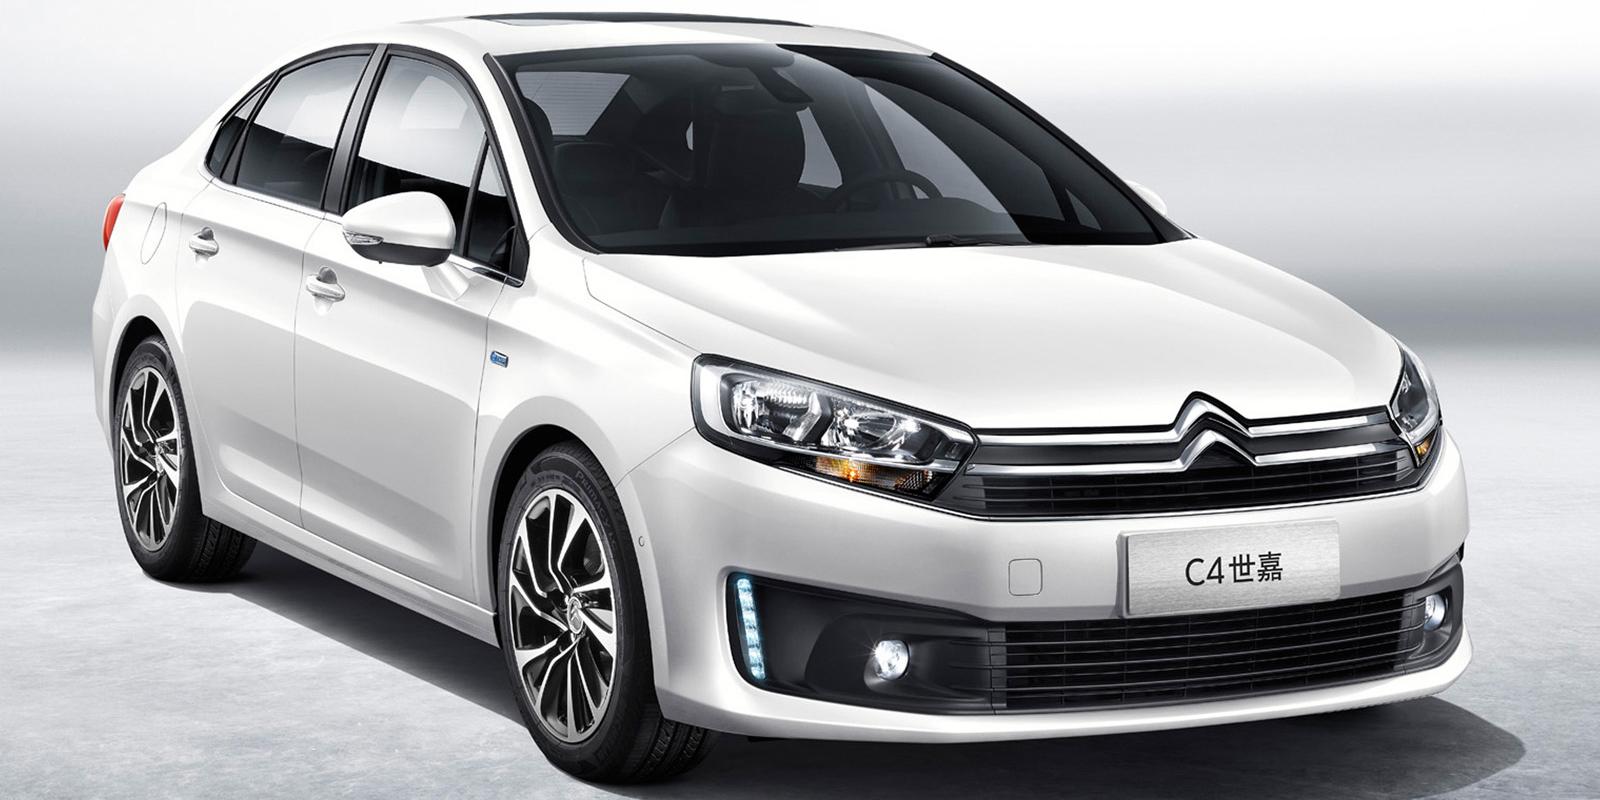 Así es el nuevo Citroën C4 Sedán: Otra berlina compacta para China